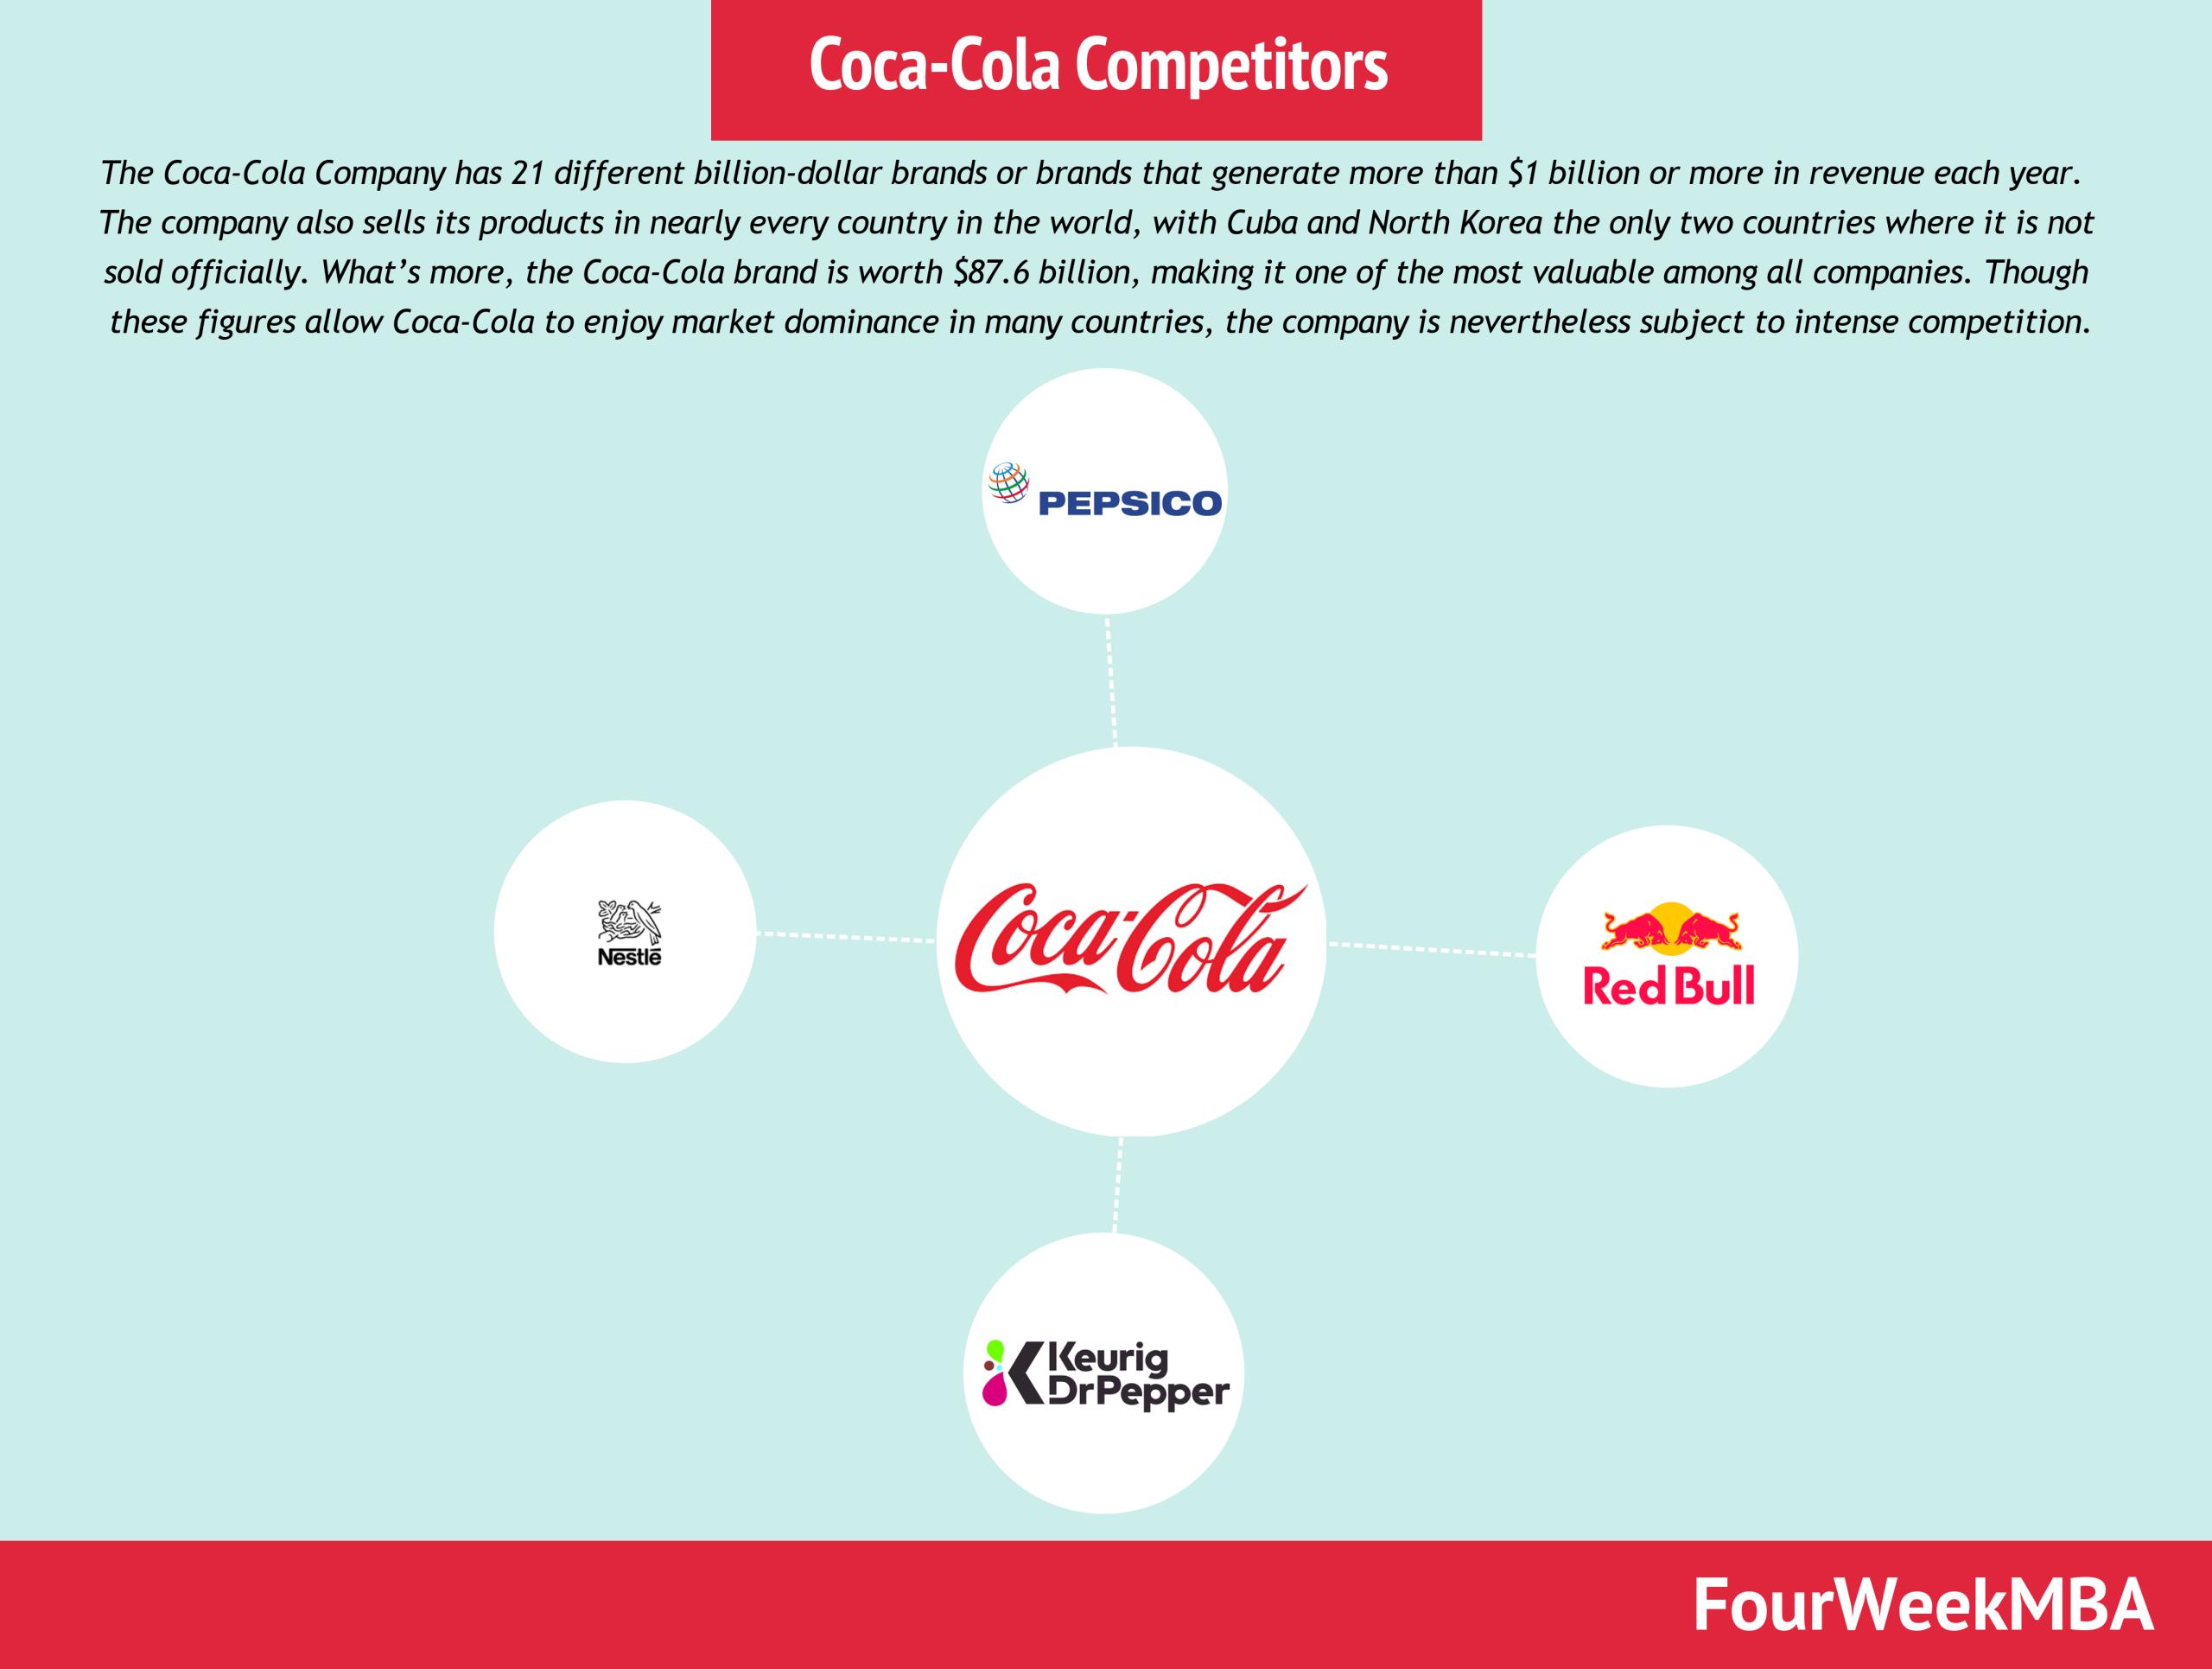 Coca-Cola Competitors